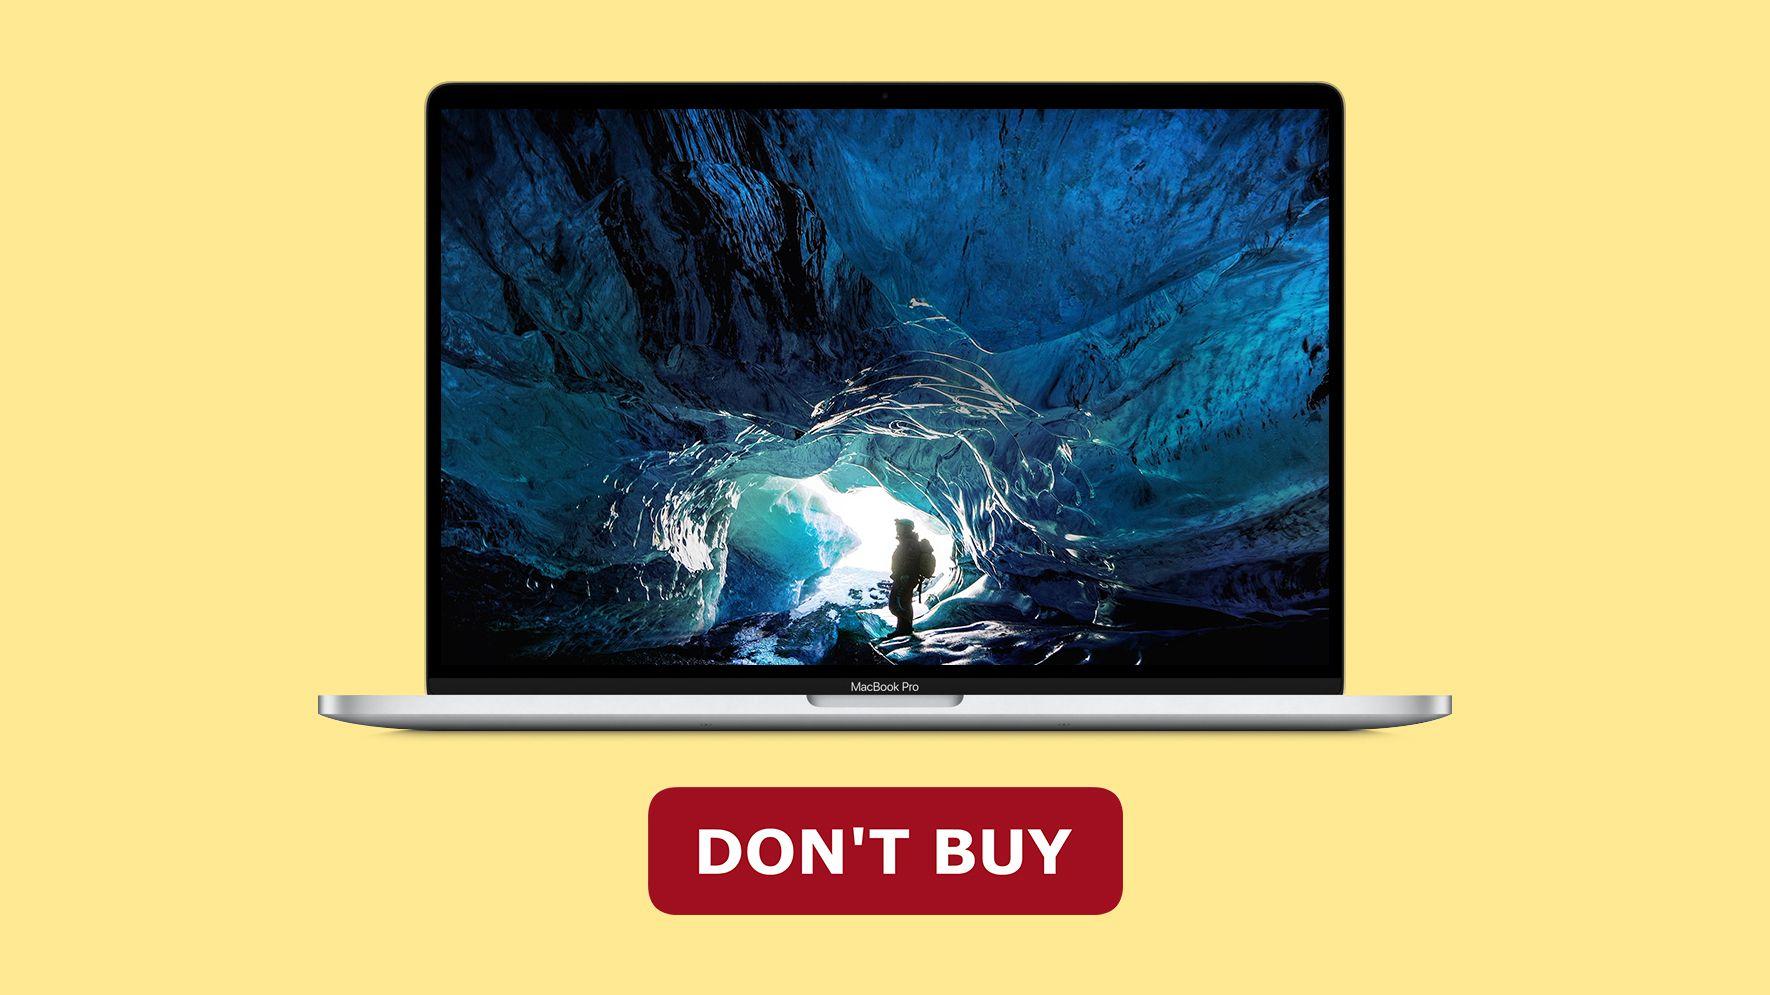 Buyer's Guide: Don't Buy a MacBook Pro Now - MacRumors